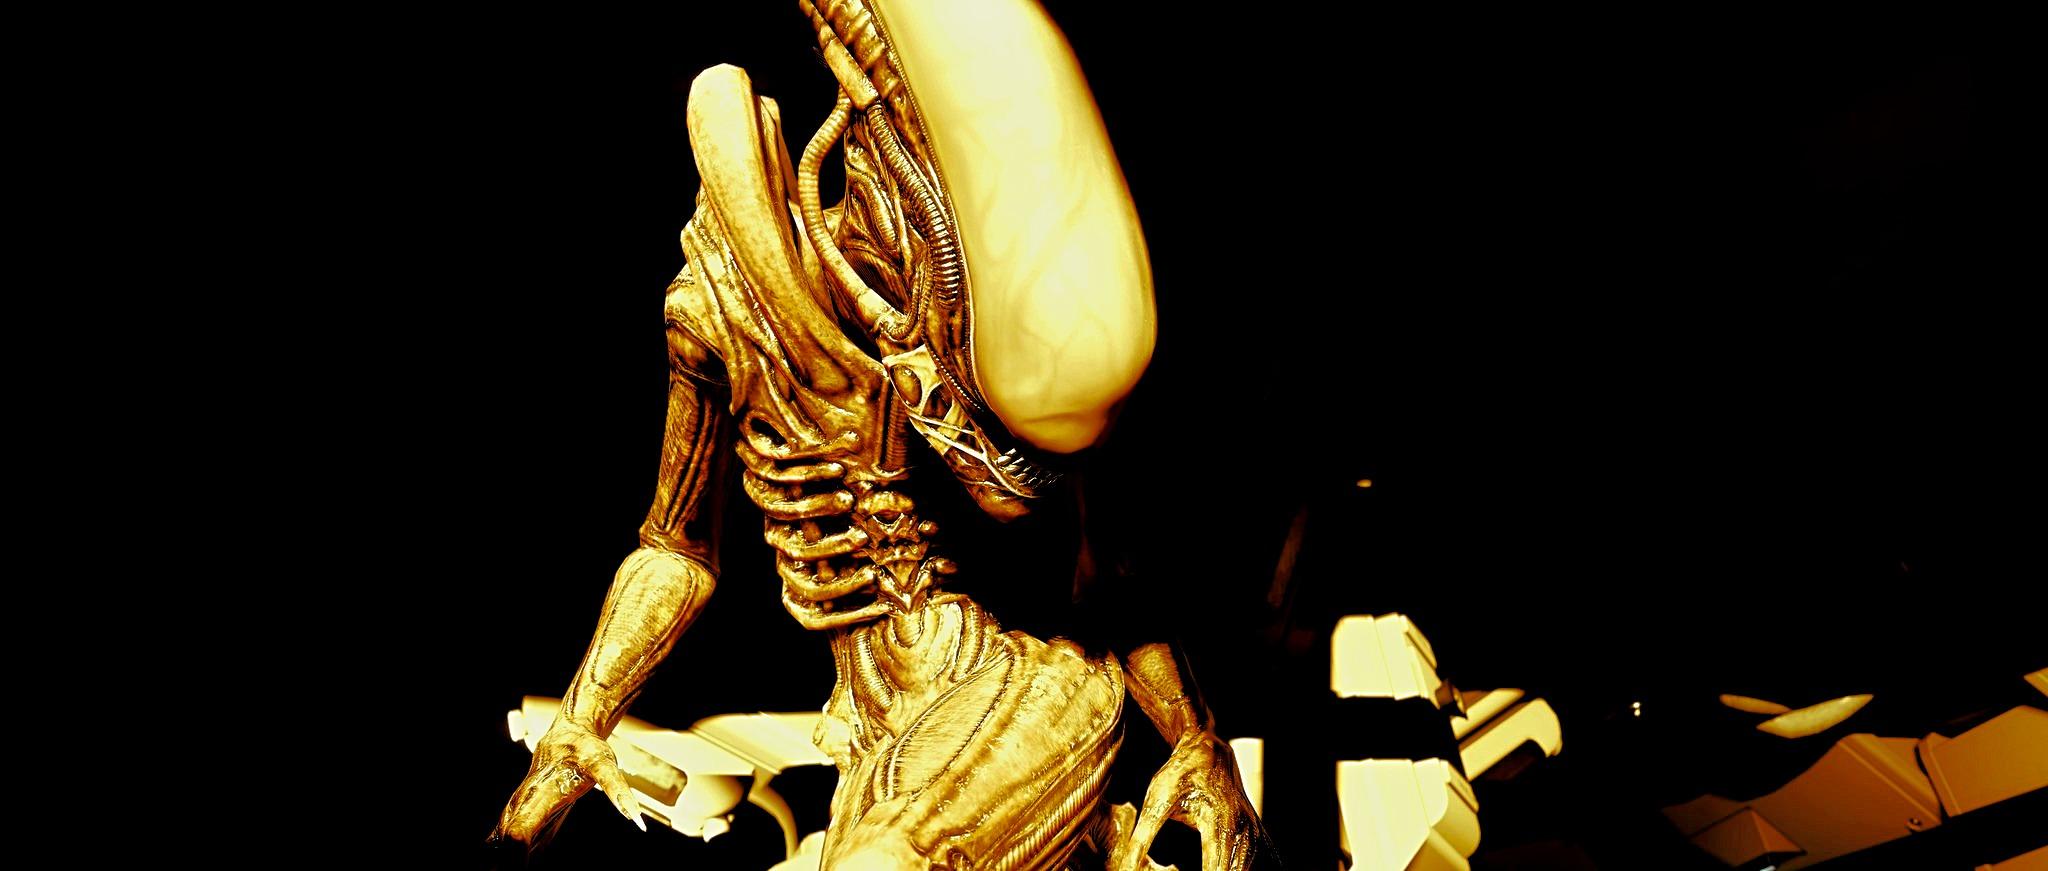 56УВРВ (1).jpg - Alien: Isolation